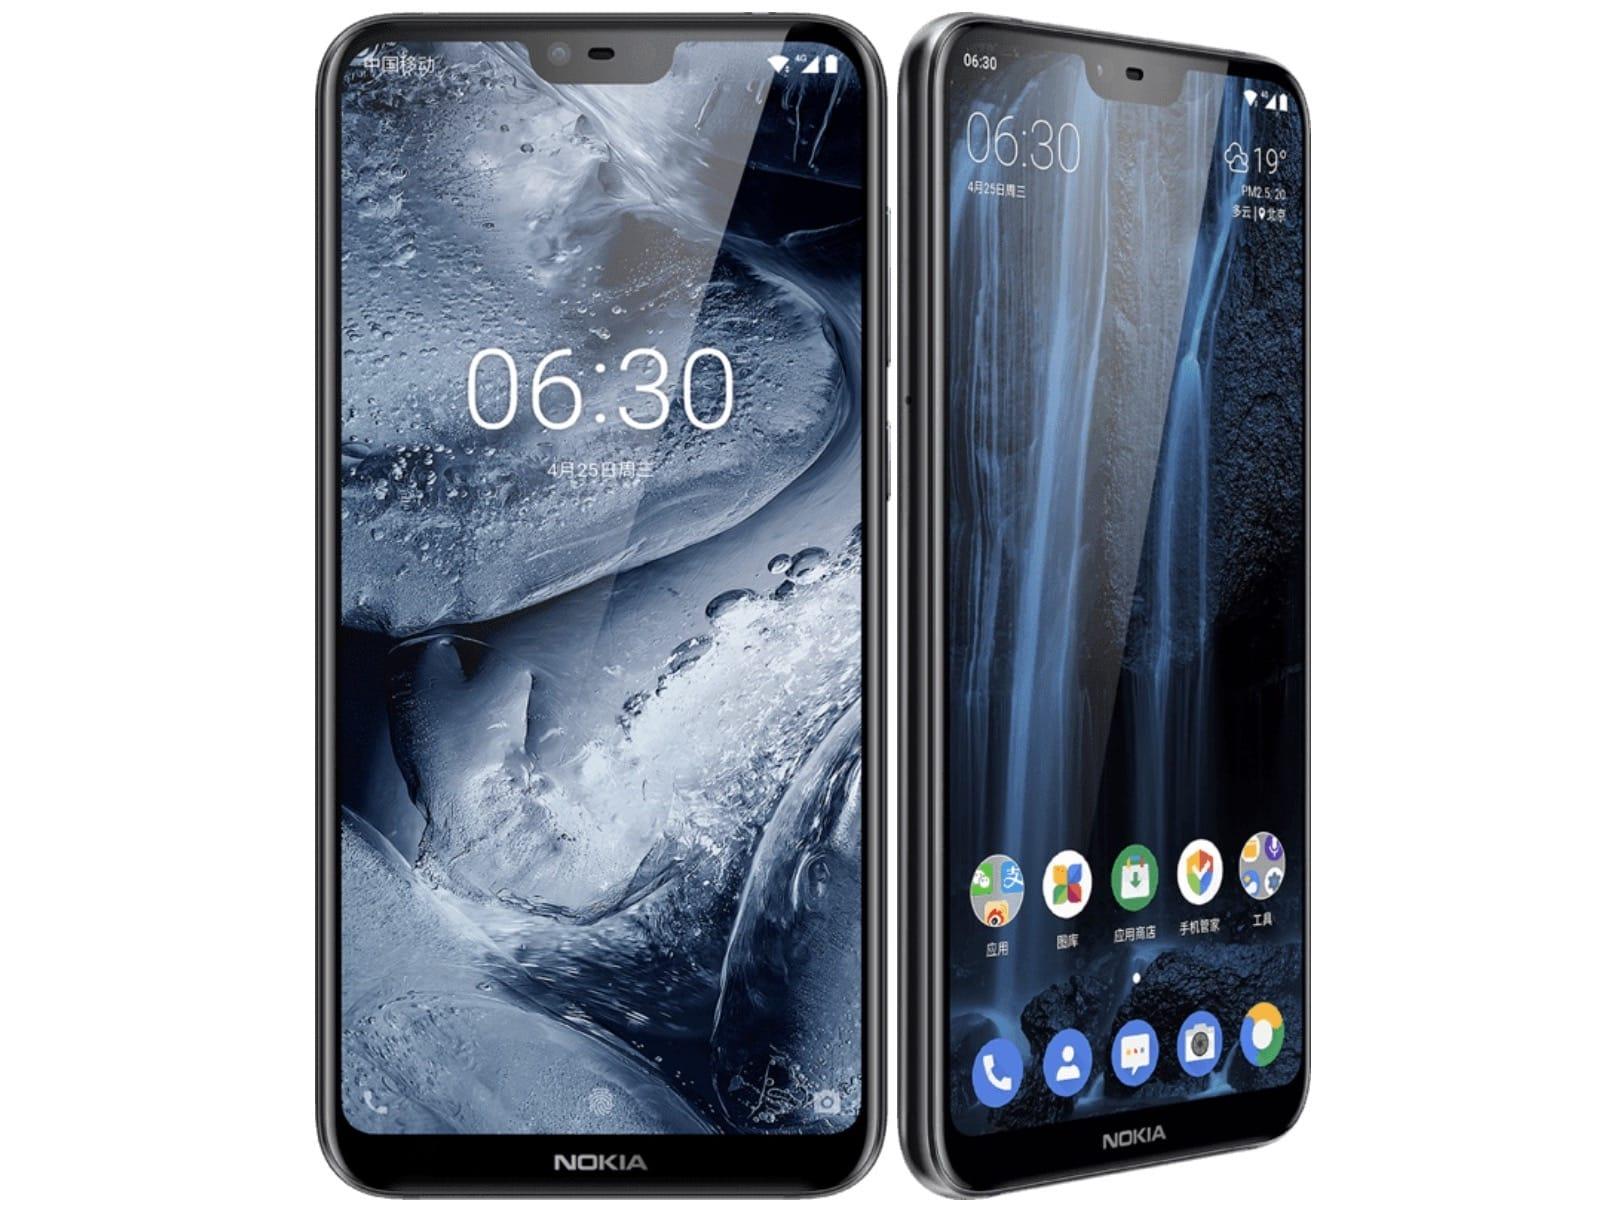 Названа стоимость нового телефона нокиа X6 Polar White